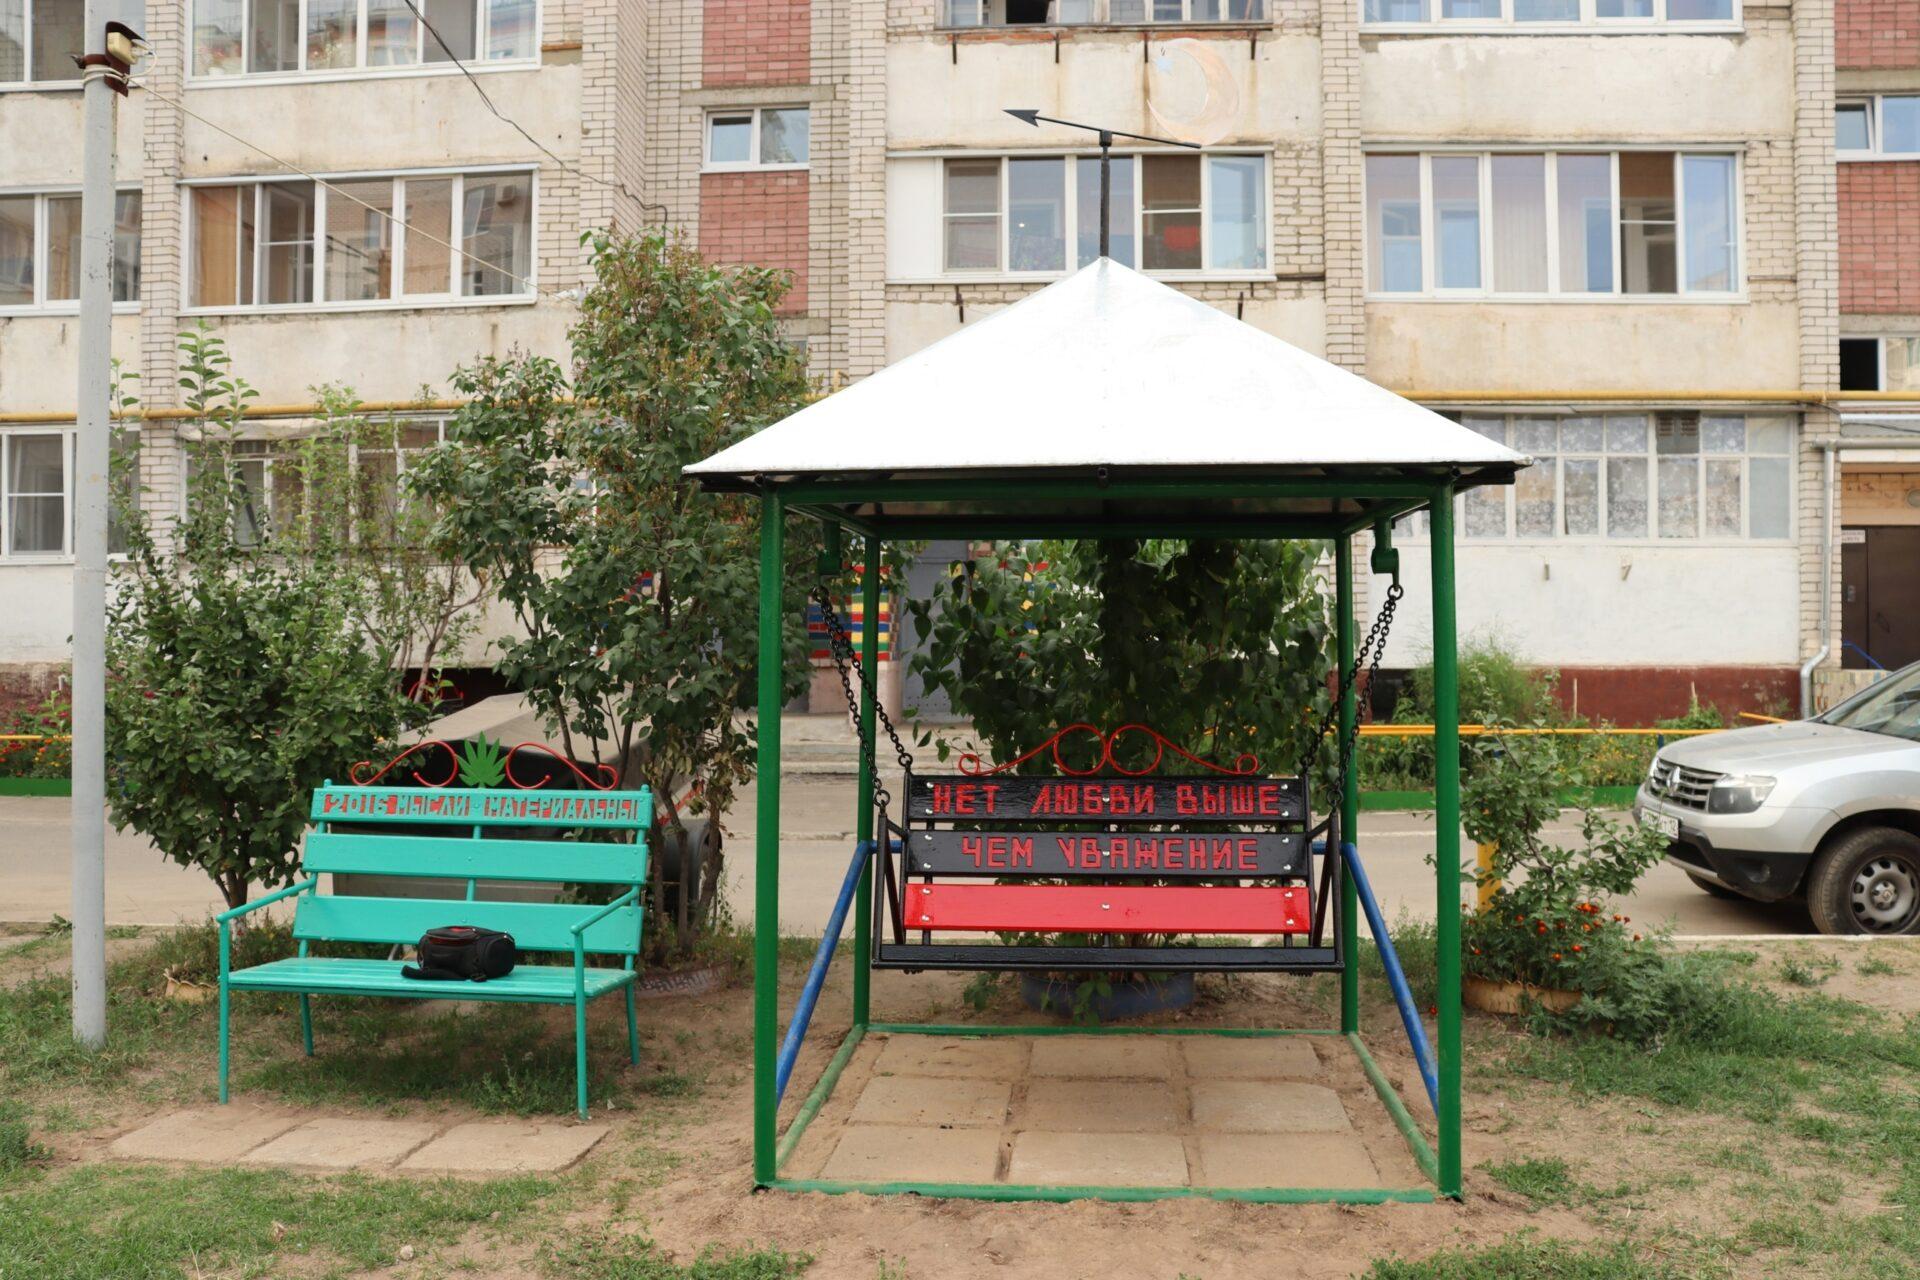 Гранты за благоустройство дворов выдадут в Йошкар-Оле